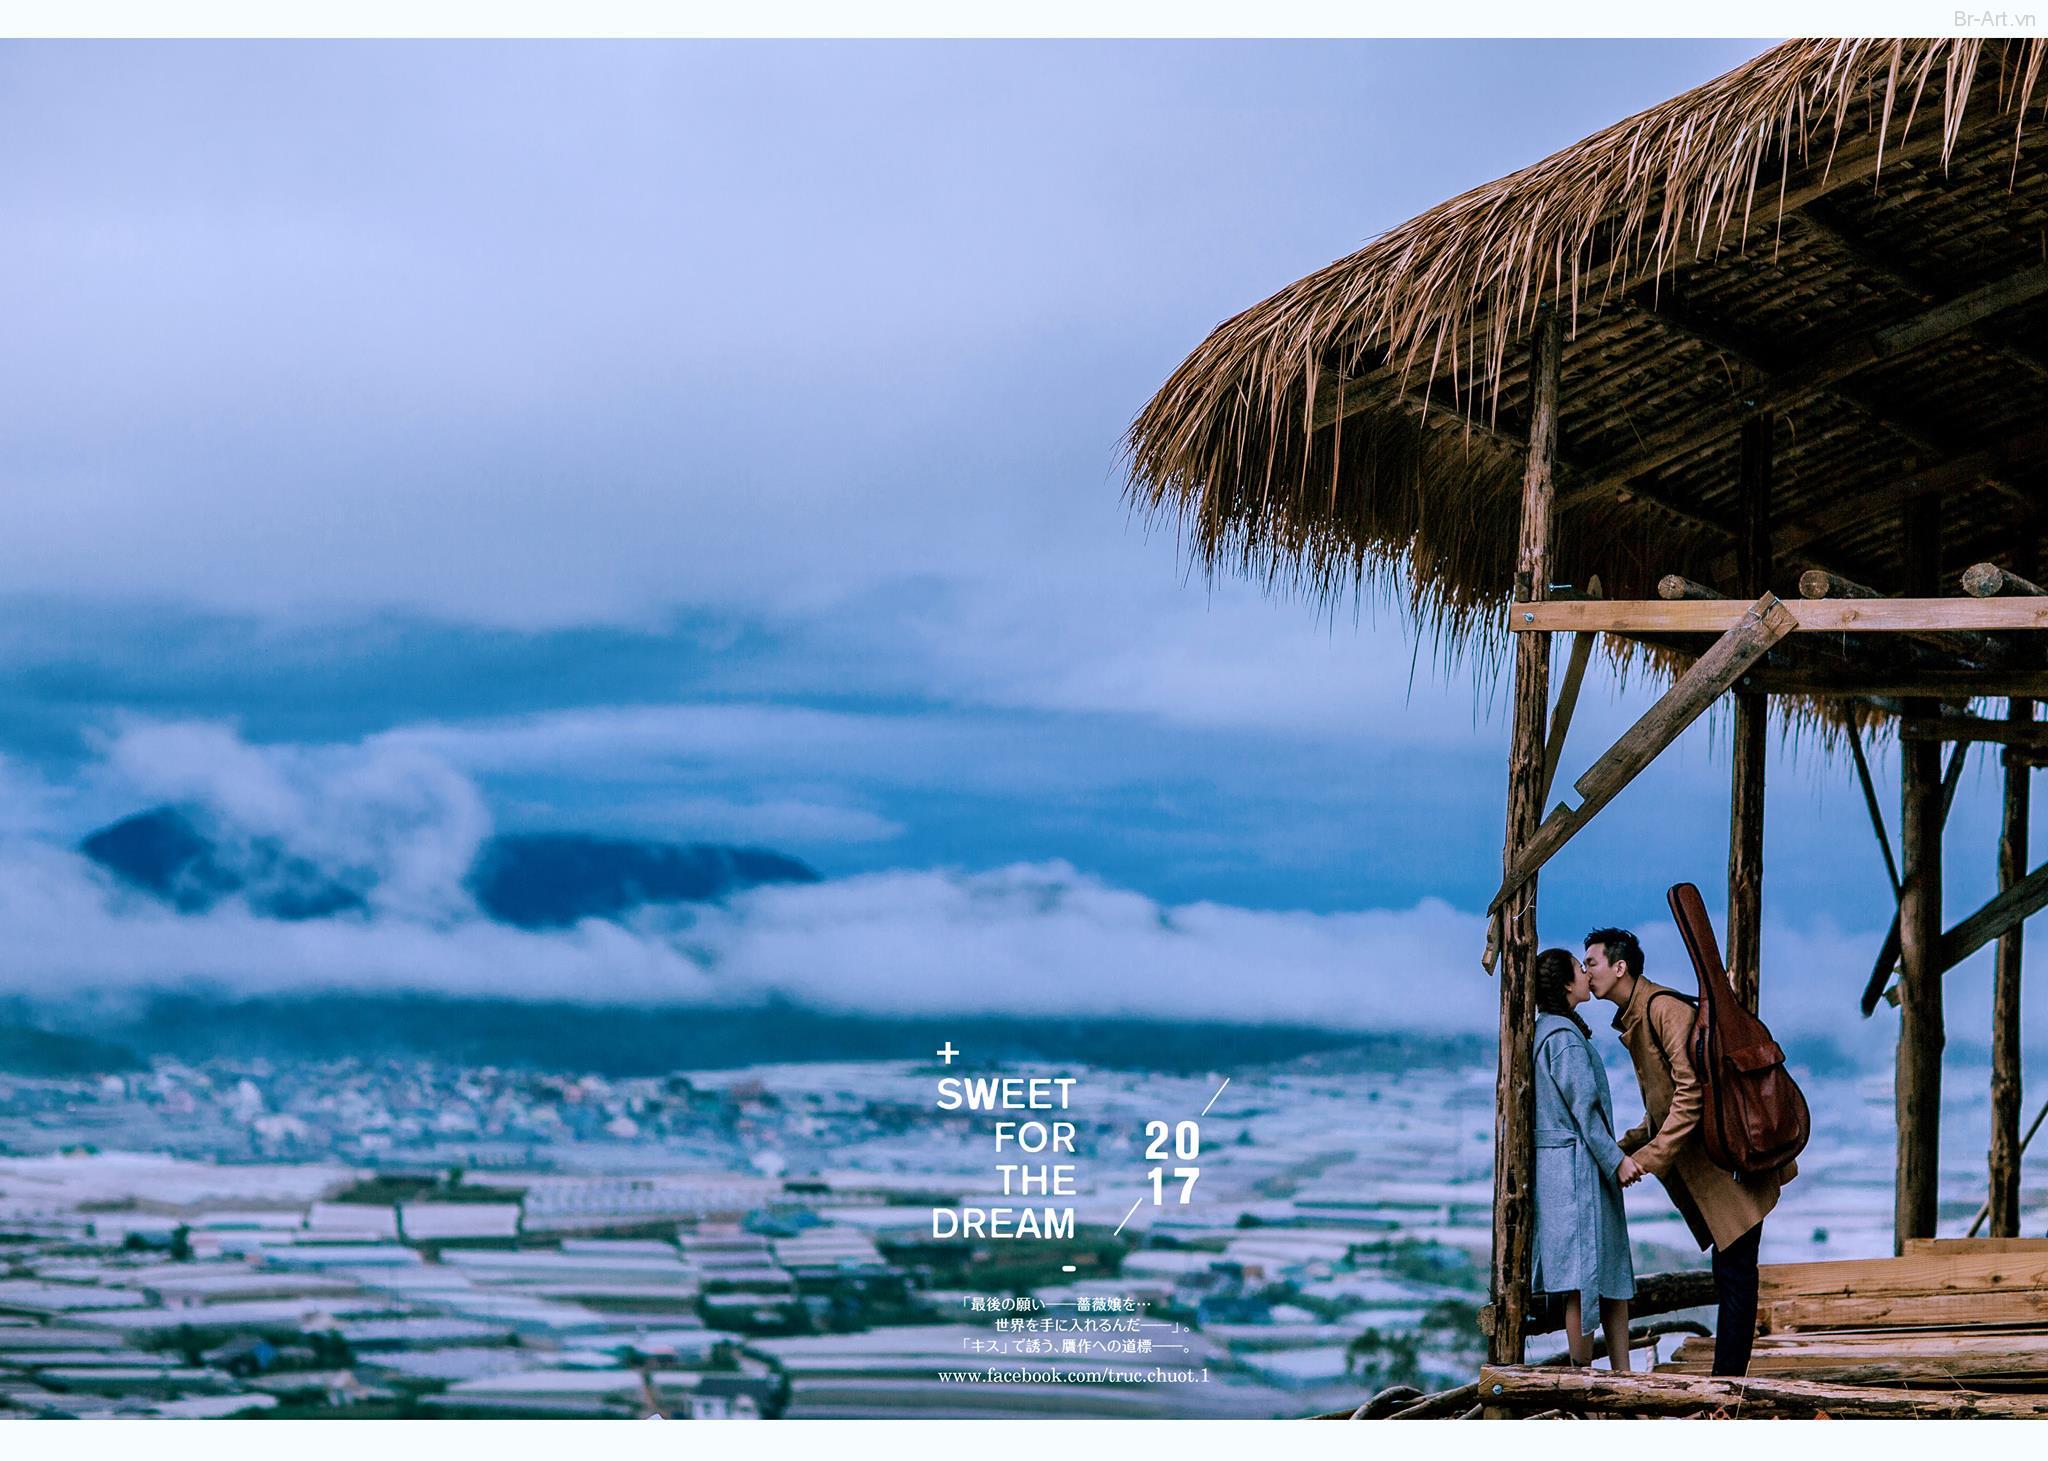 Ảnh Cưới Trên Đà Lạt Mộng Mơ - NAG Trúc Trúc Chuột Chuột